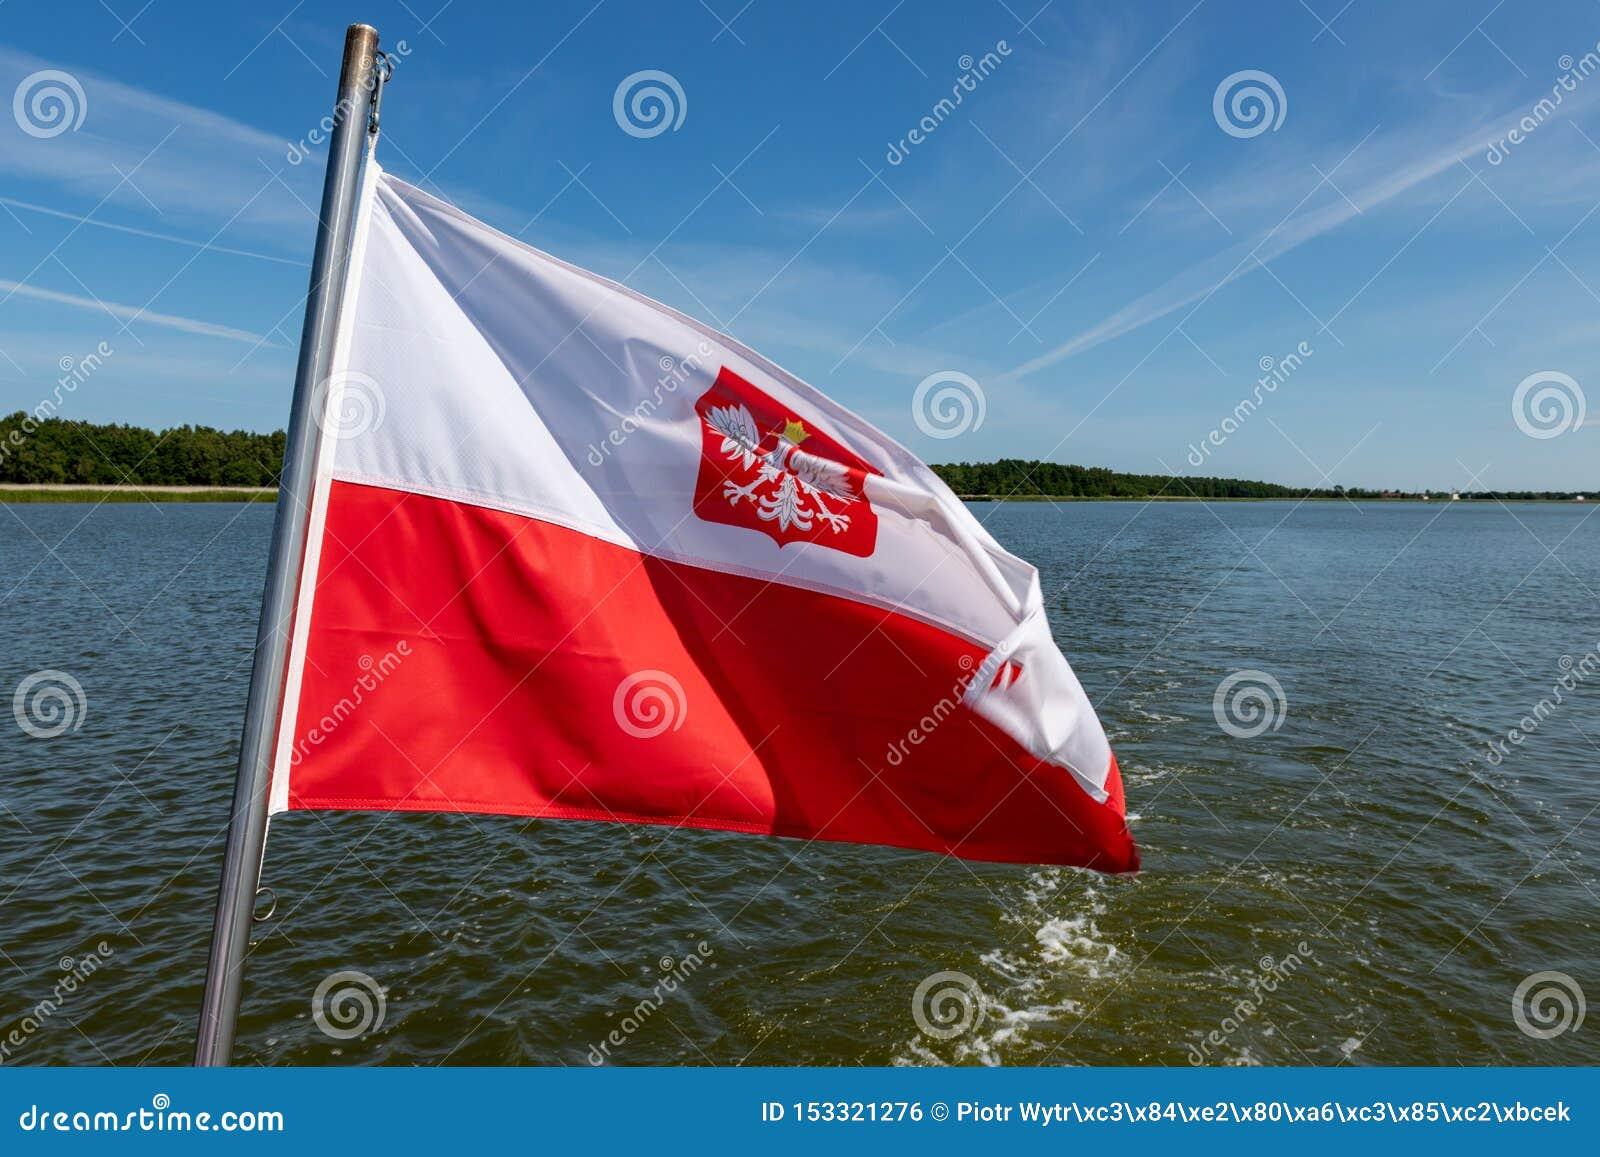 Polska flaga zawieszająca na srogo mały śródlądowy statek Naczynie unosi się na wielkim jeziorze w środkowym Europa